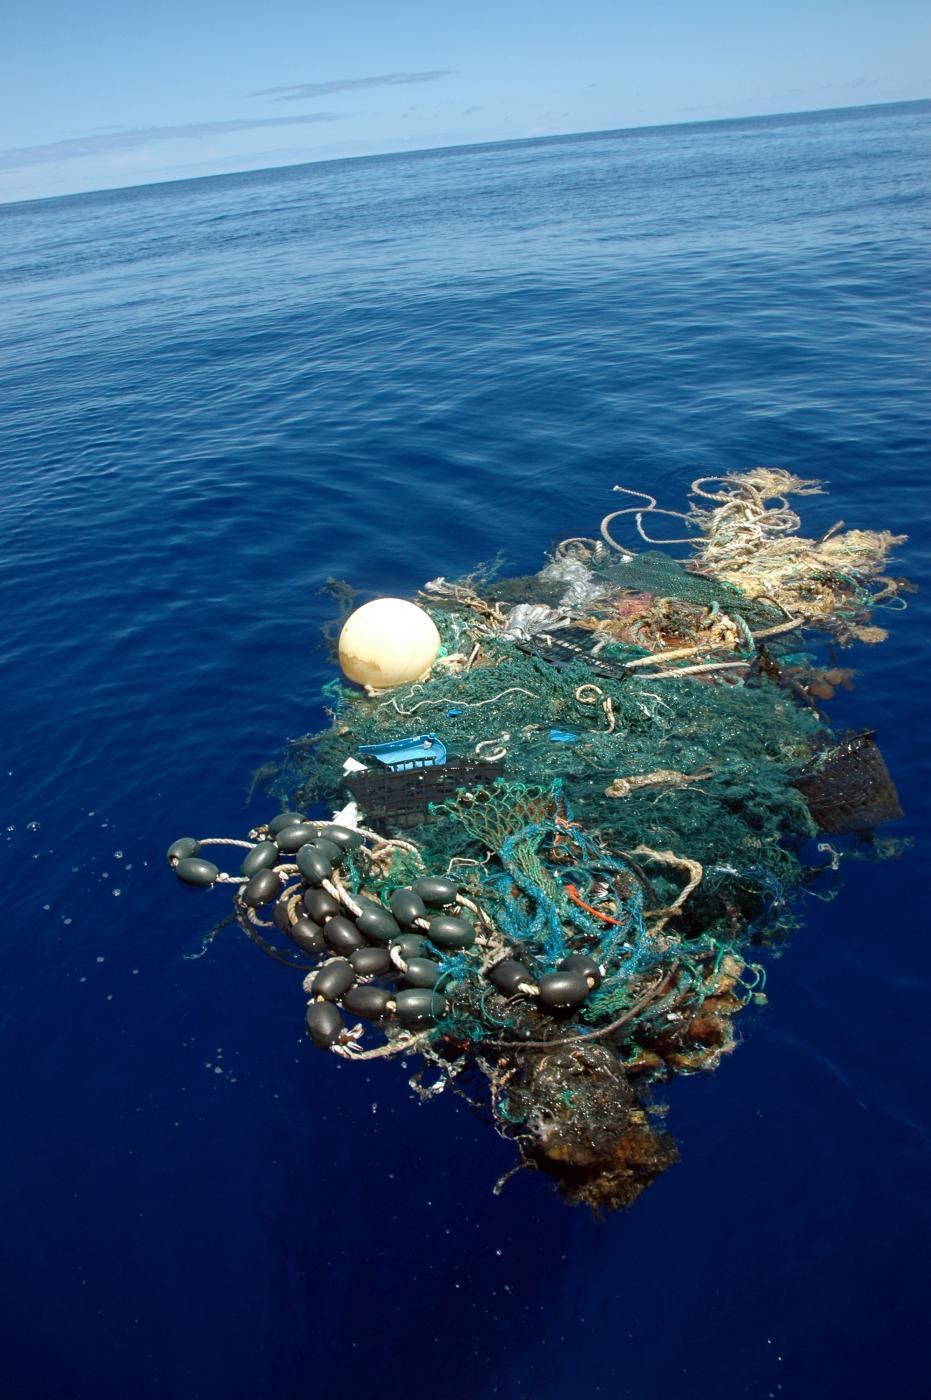 L'isola fatta di spazzatura